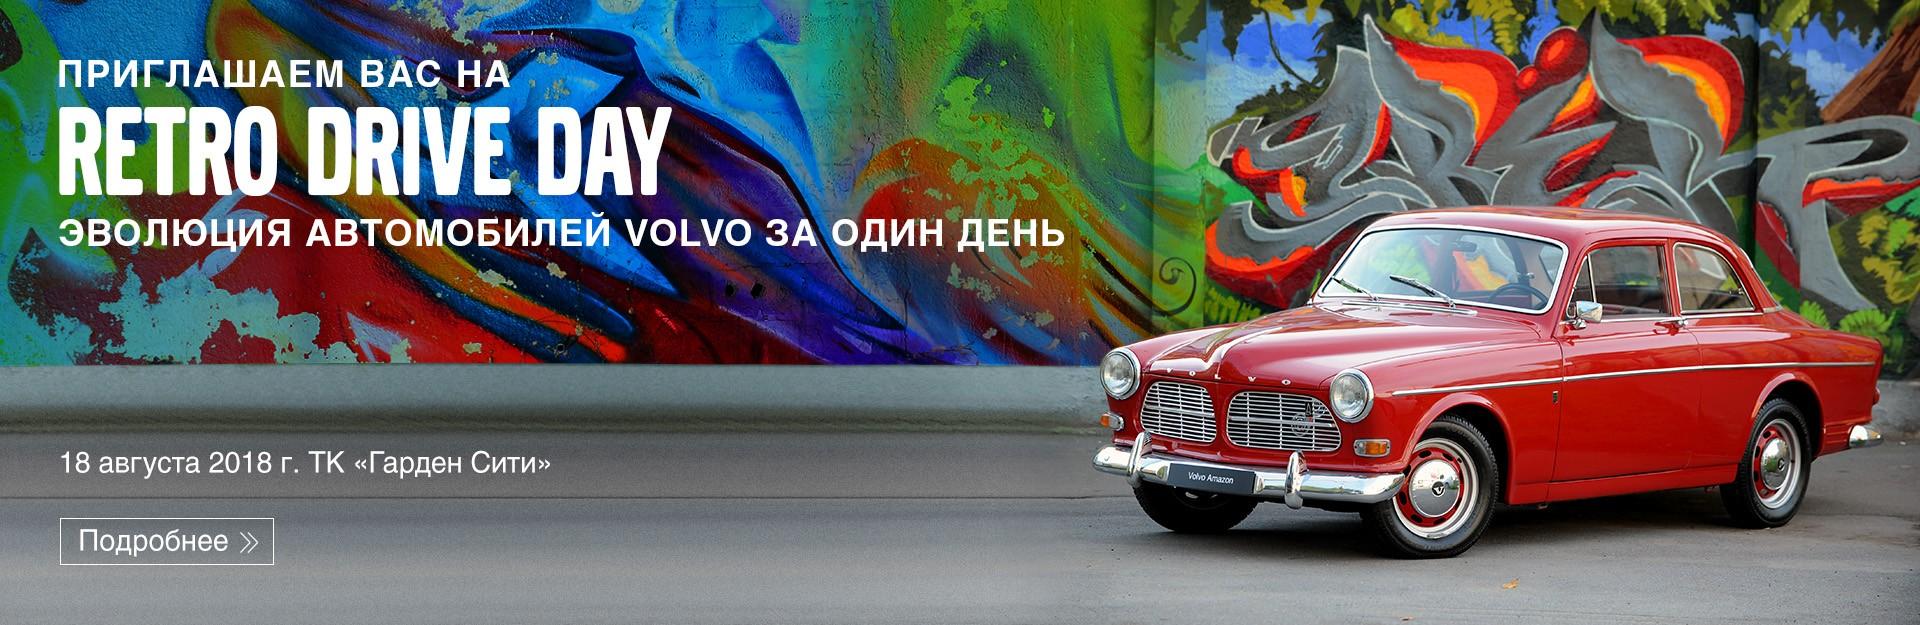 Приглашение на Volvo Retro Drive Day